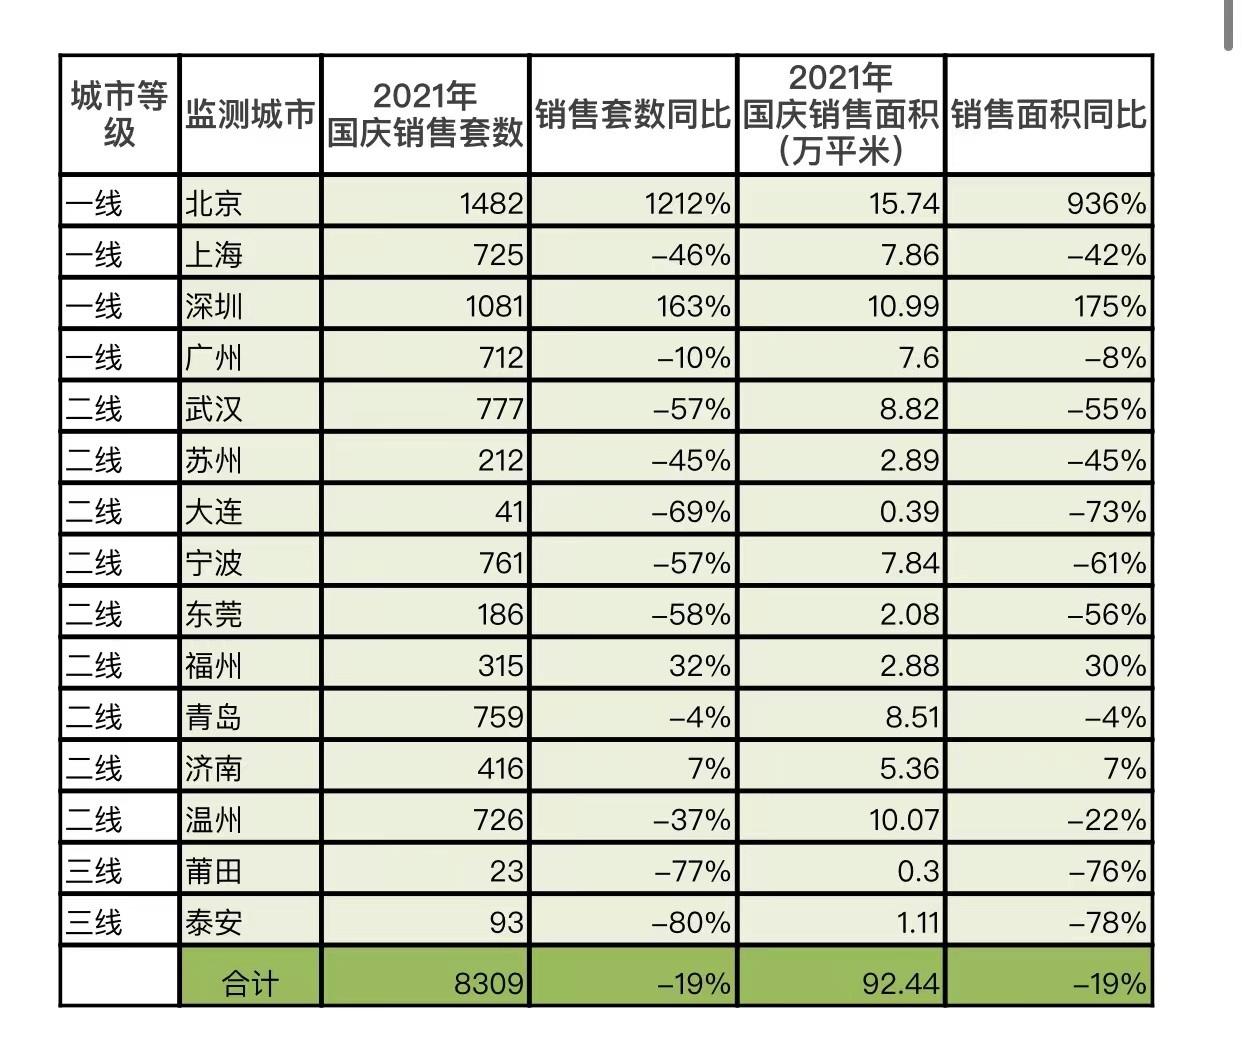 中国国庆长假15城新房成交同比降19%_图1-4